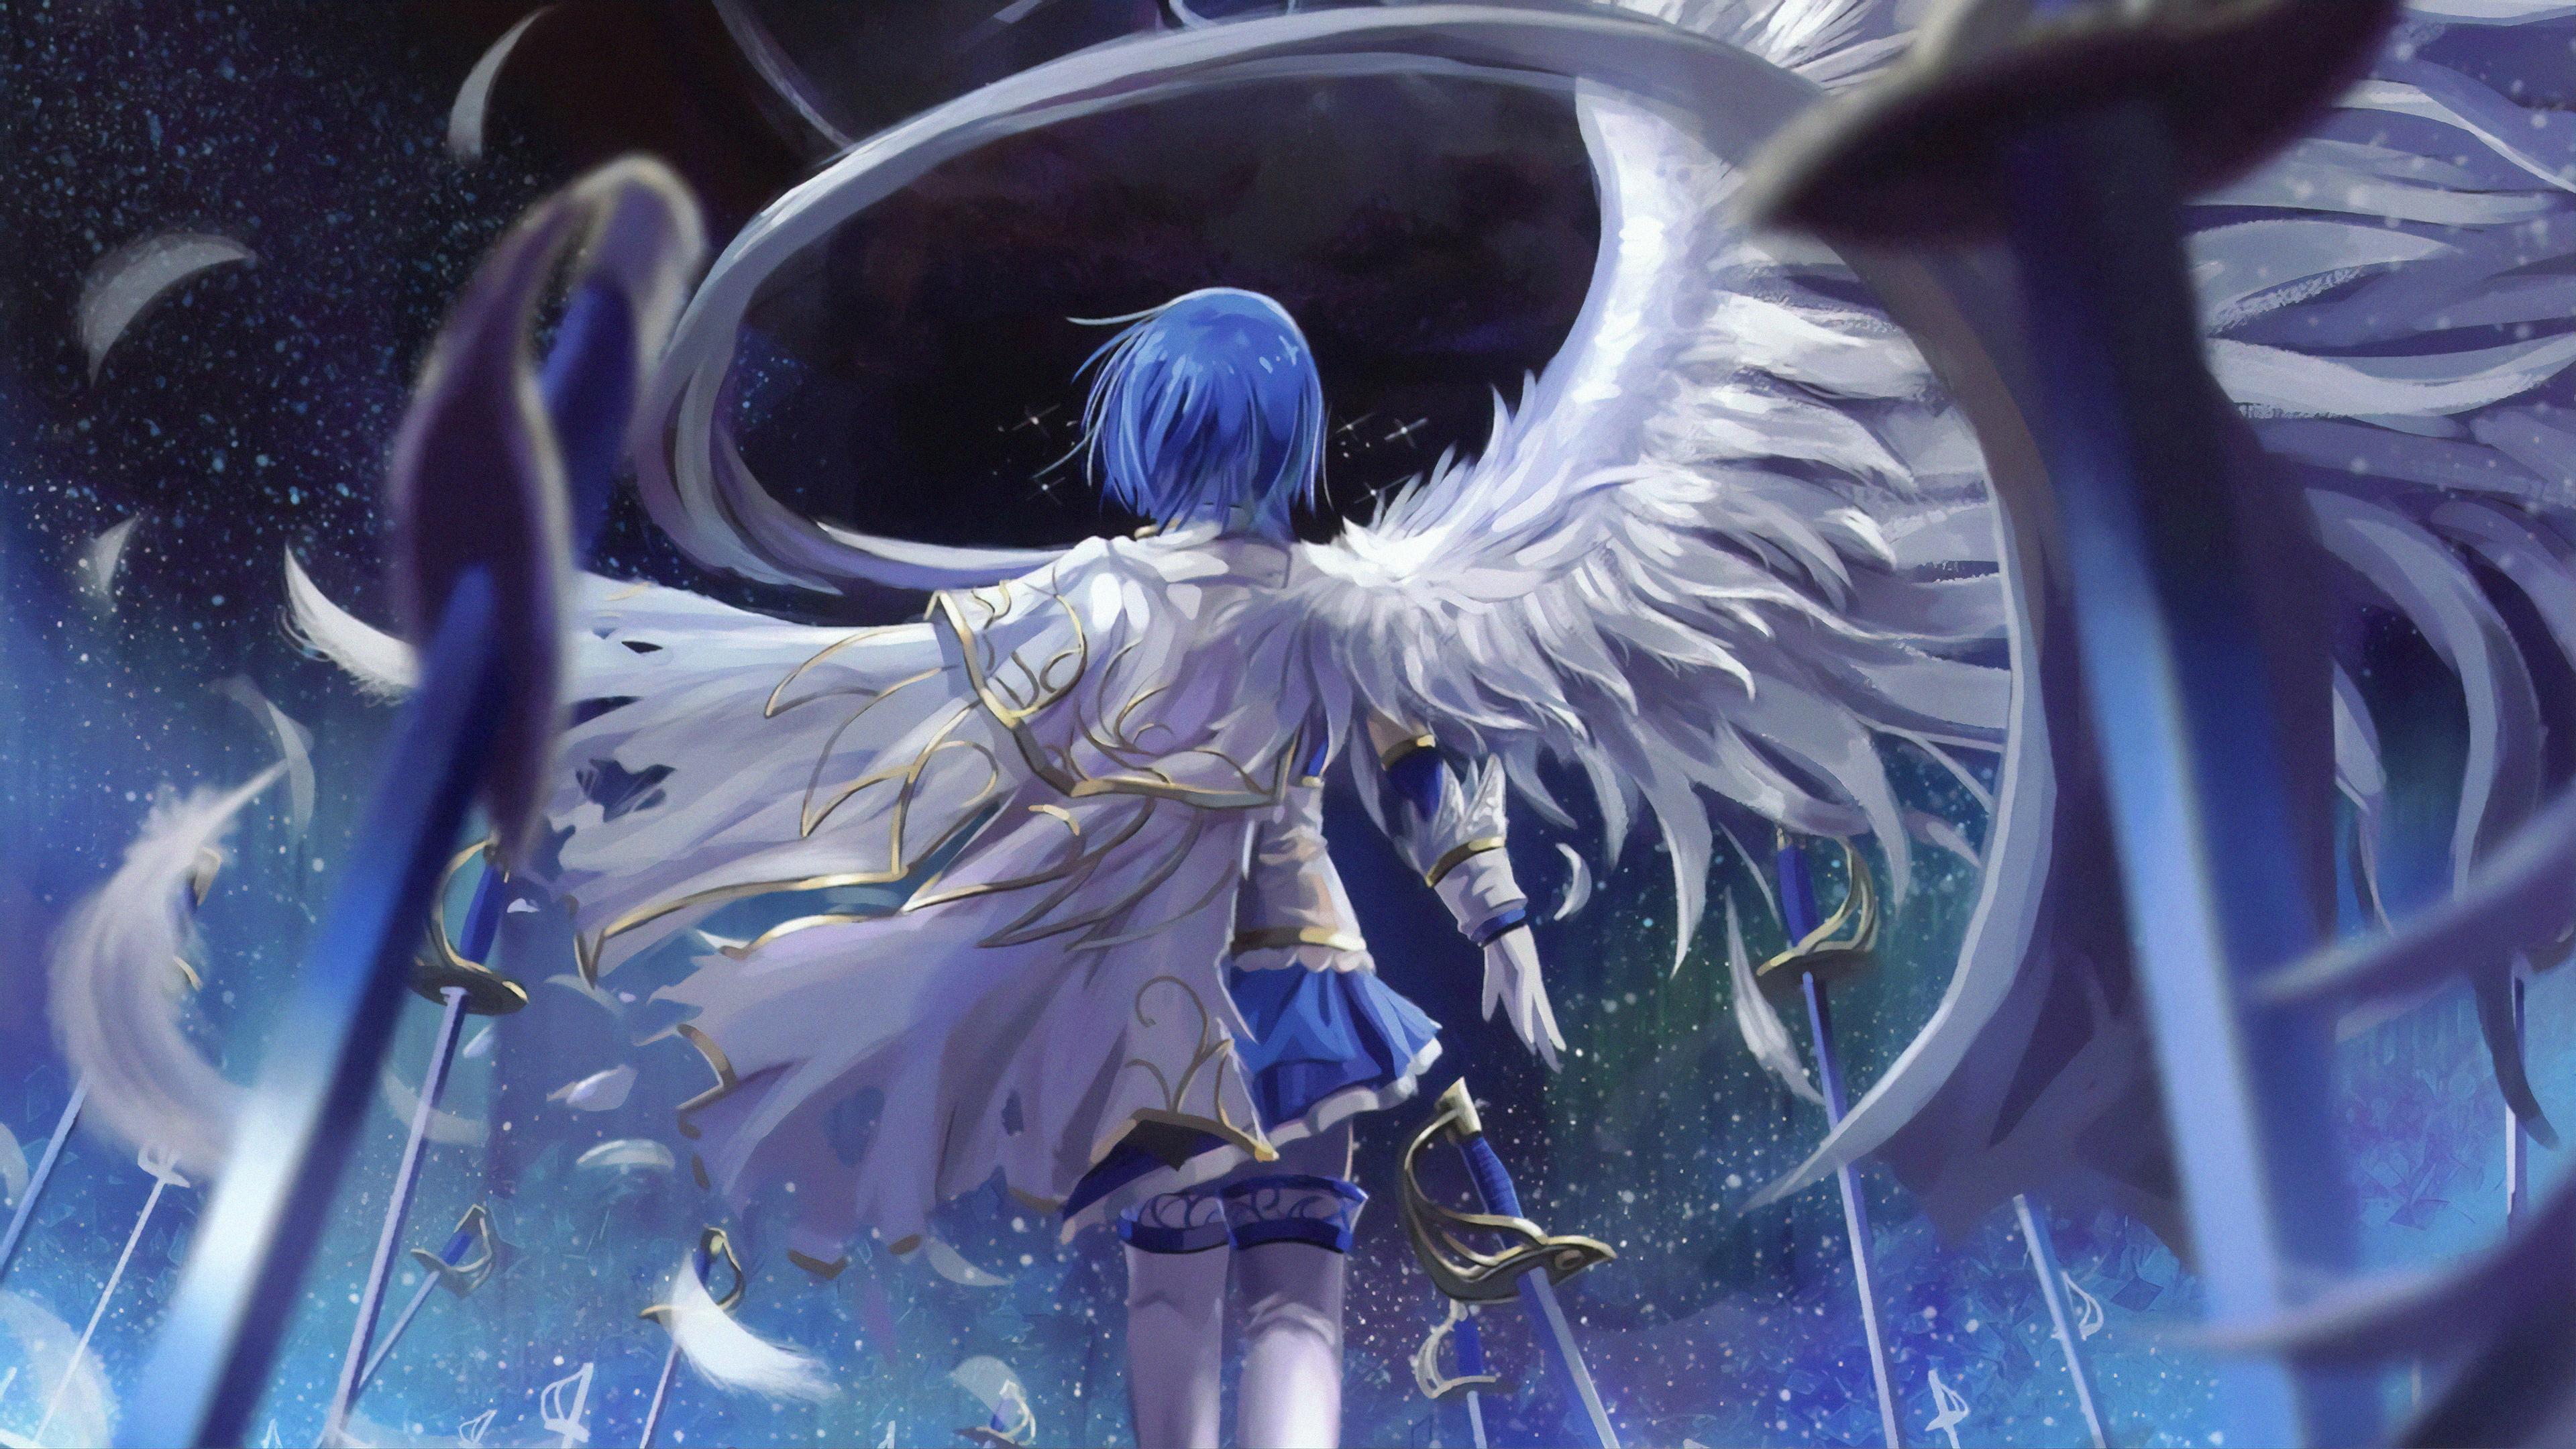 Mahou Shoujo Madoka Magica Blue Hair Anime 4k, HD Anime ...